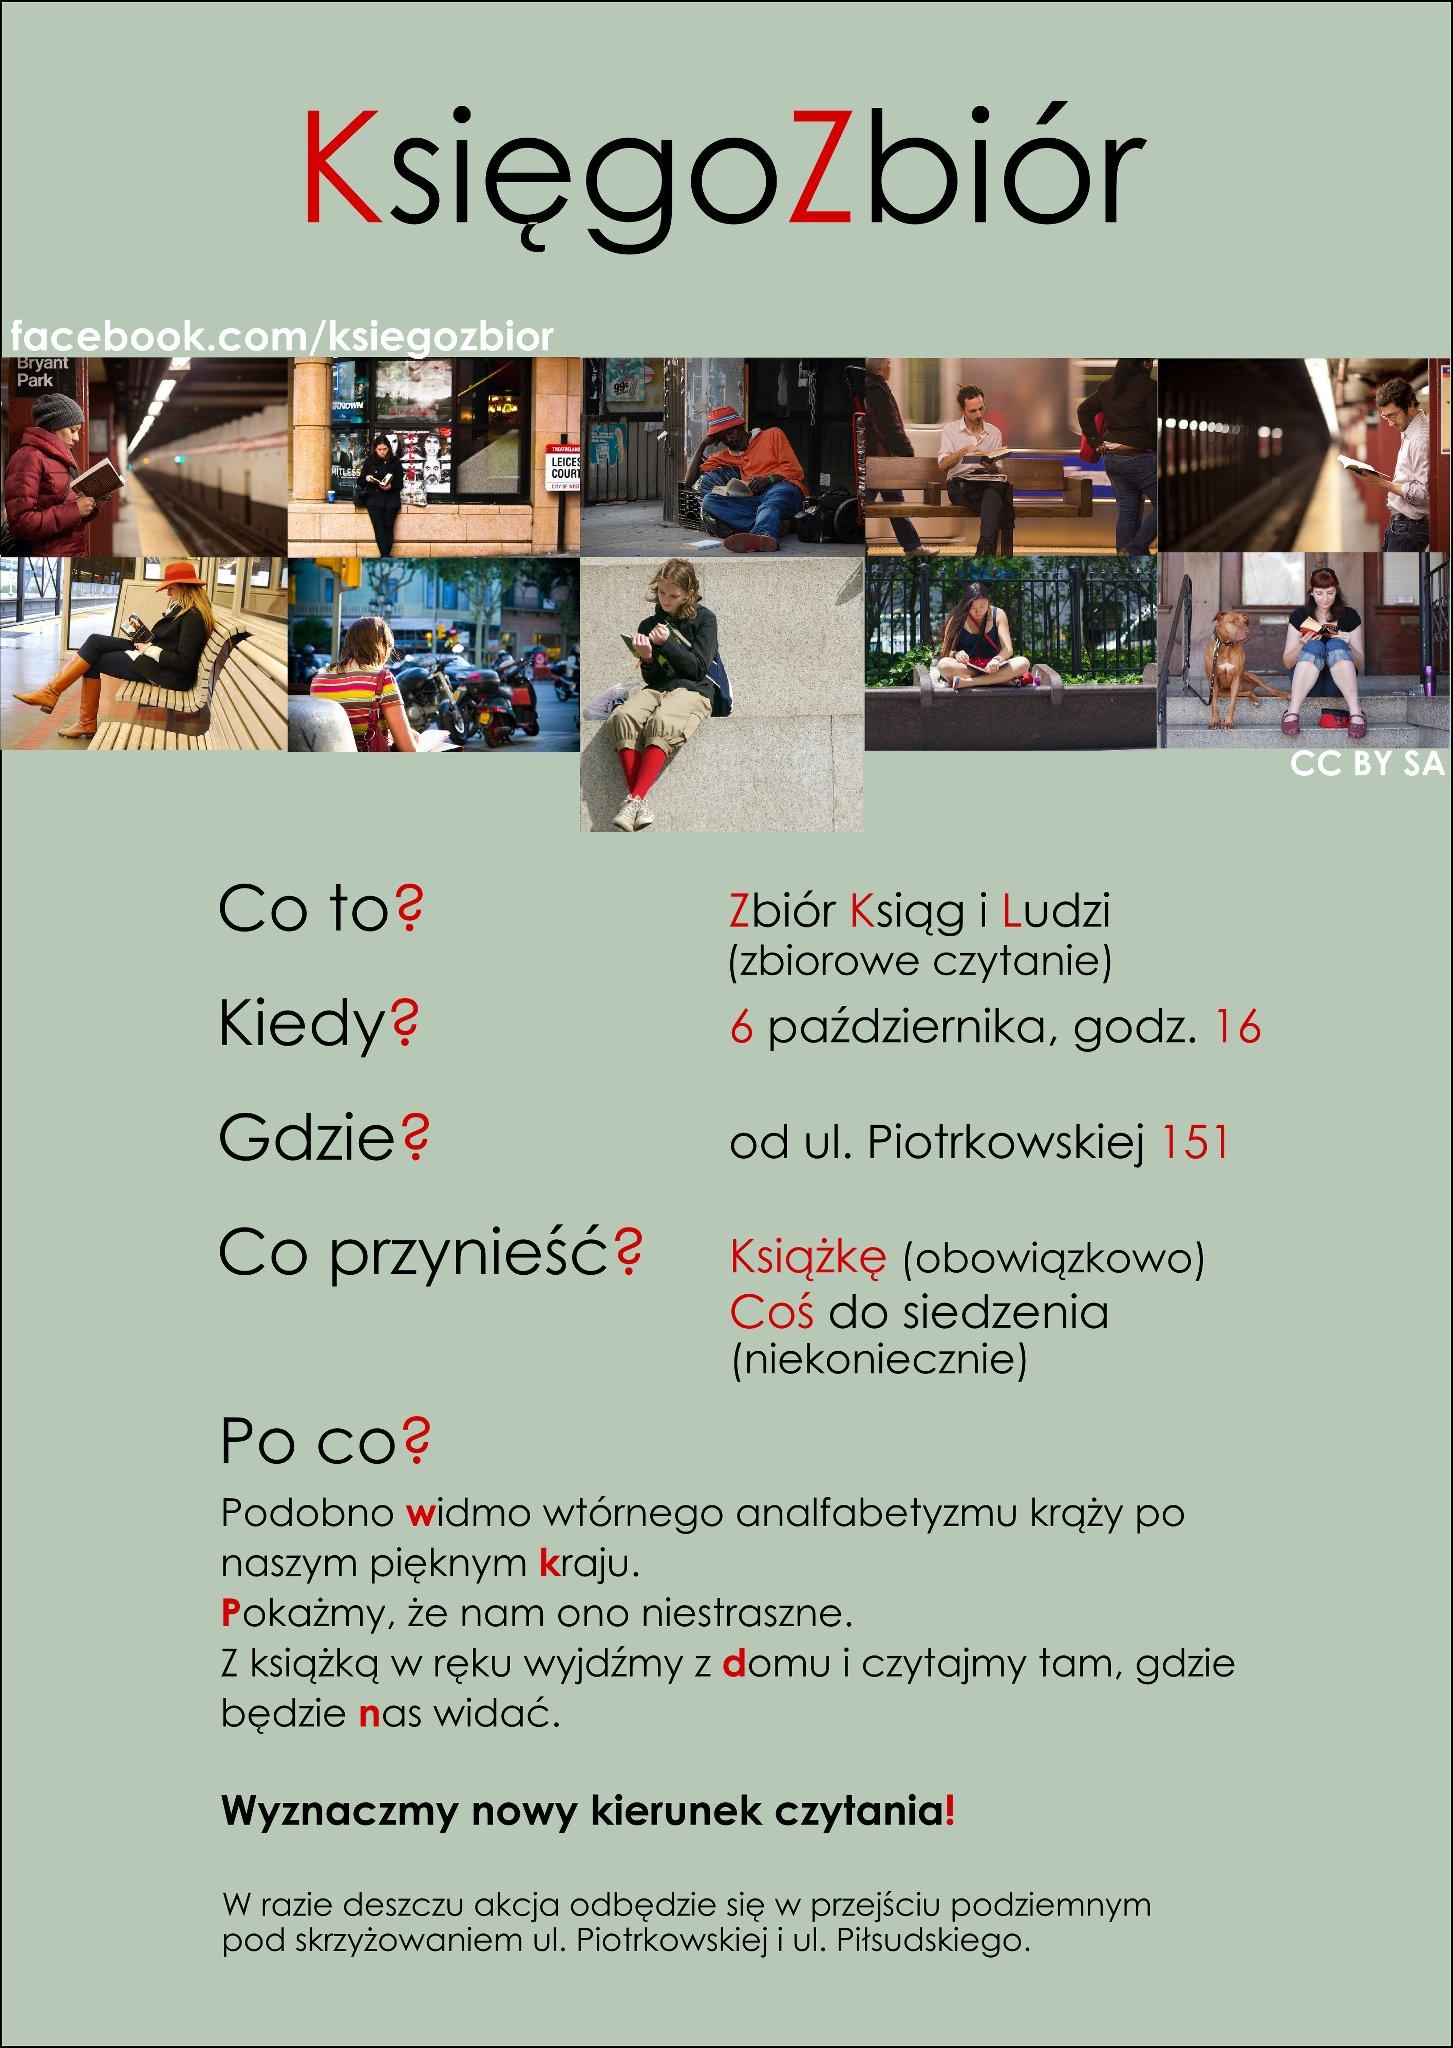 KsiegoZbior_-_plakat